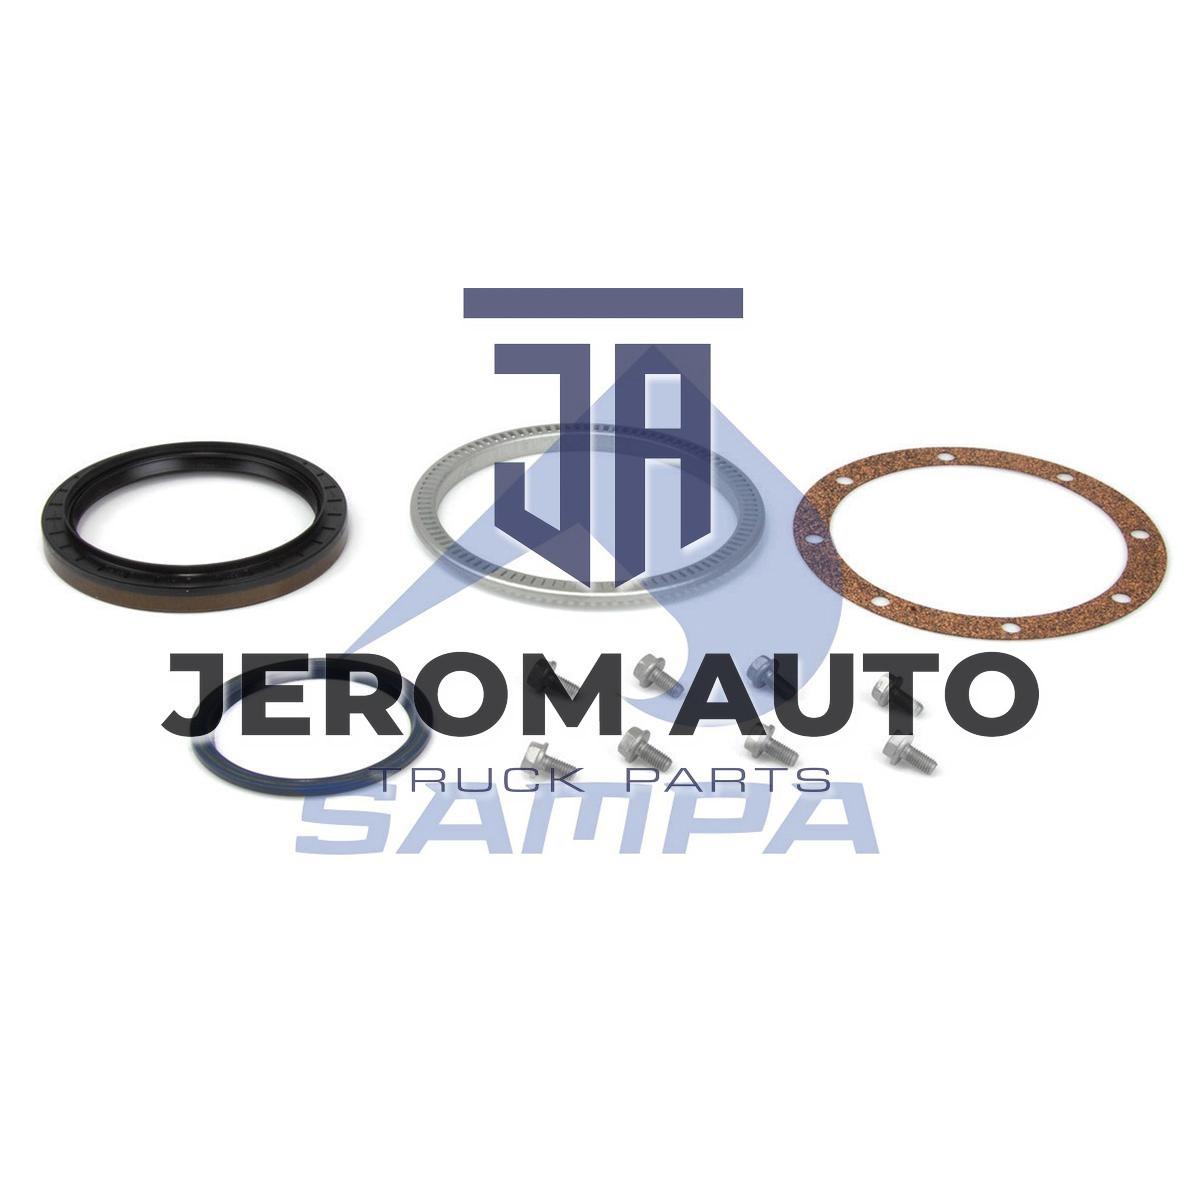 Ремкомплект ступицы (уплотнения) Mercedes Actros передней/ 010.835/ 9423301125